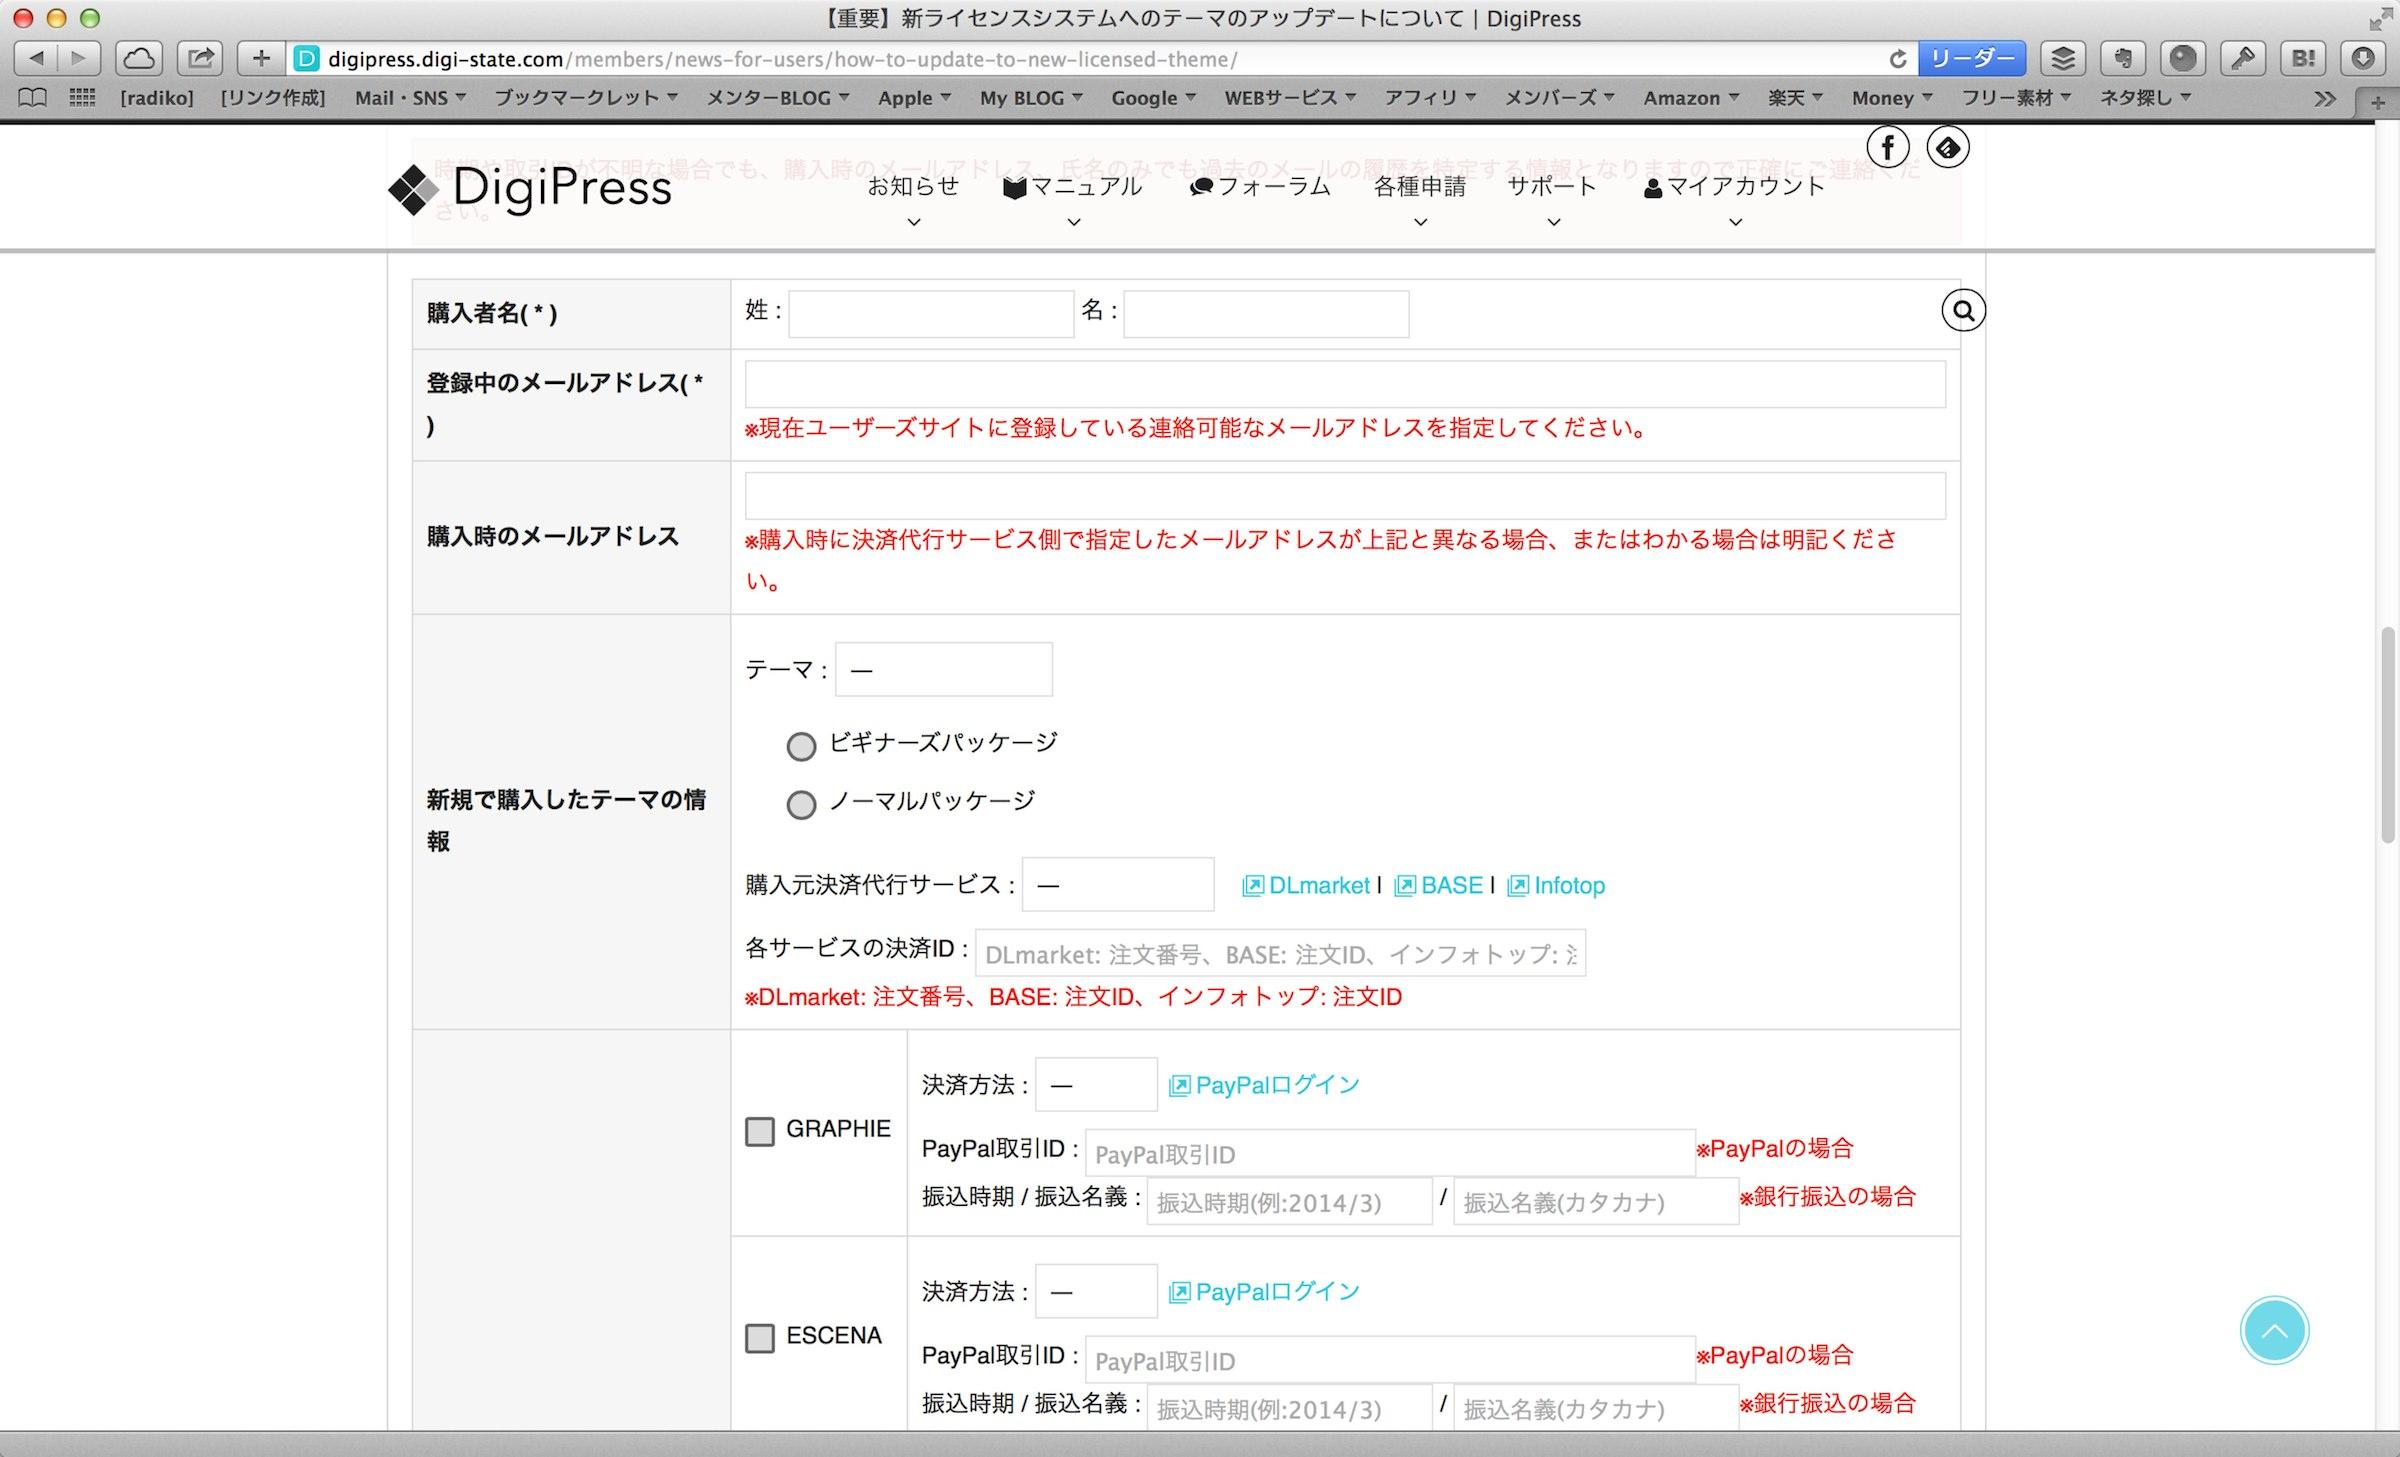 【重要】新ライセンスシステムへのテーマのアップデートについて | DigiPress 21